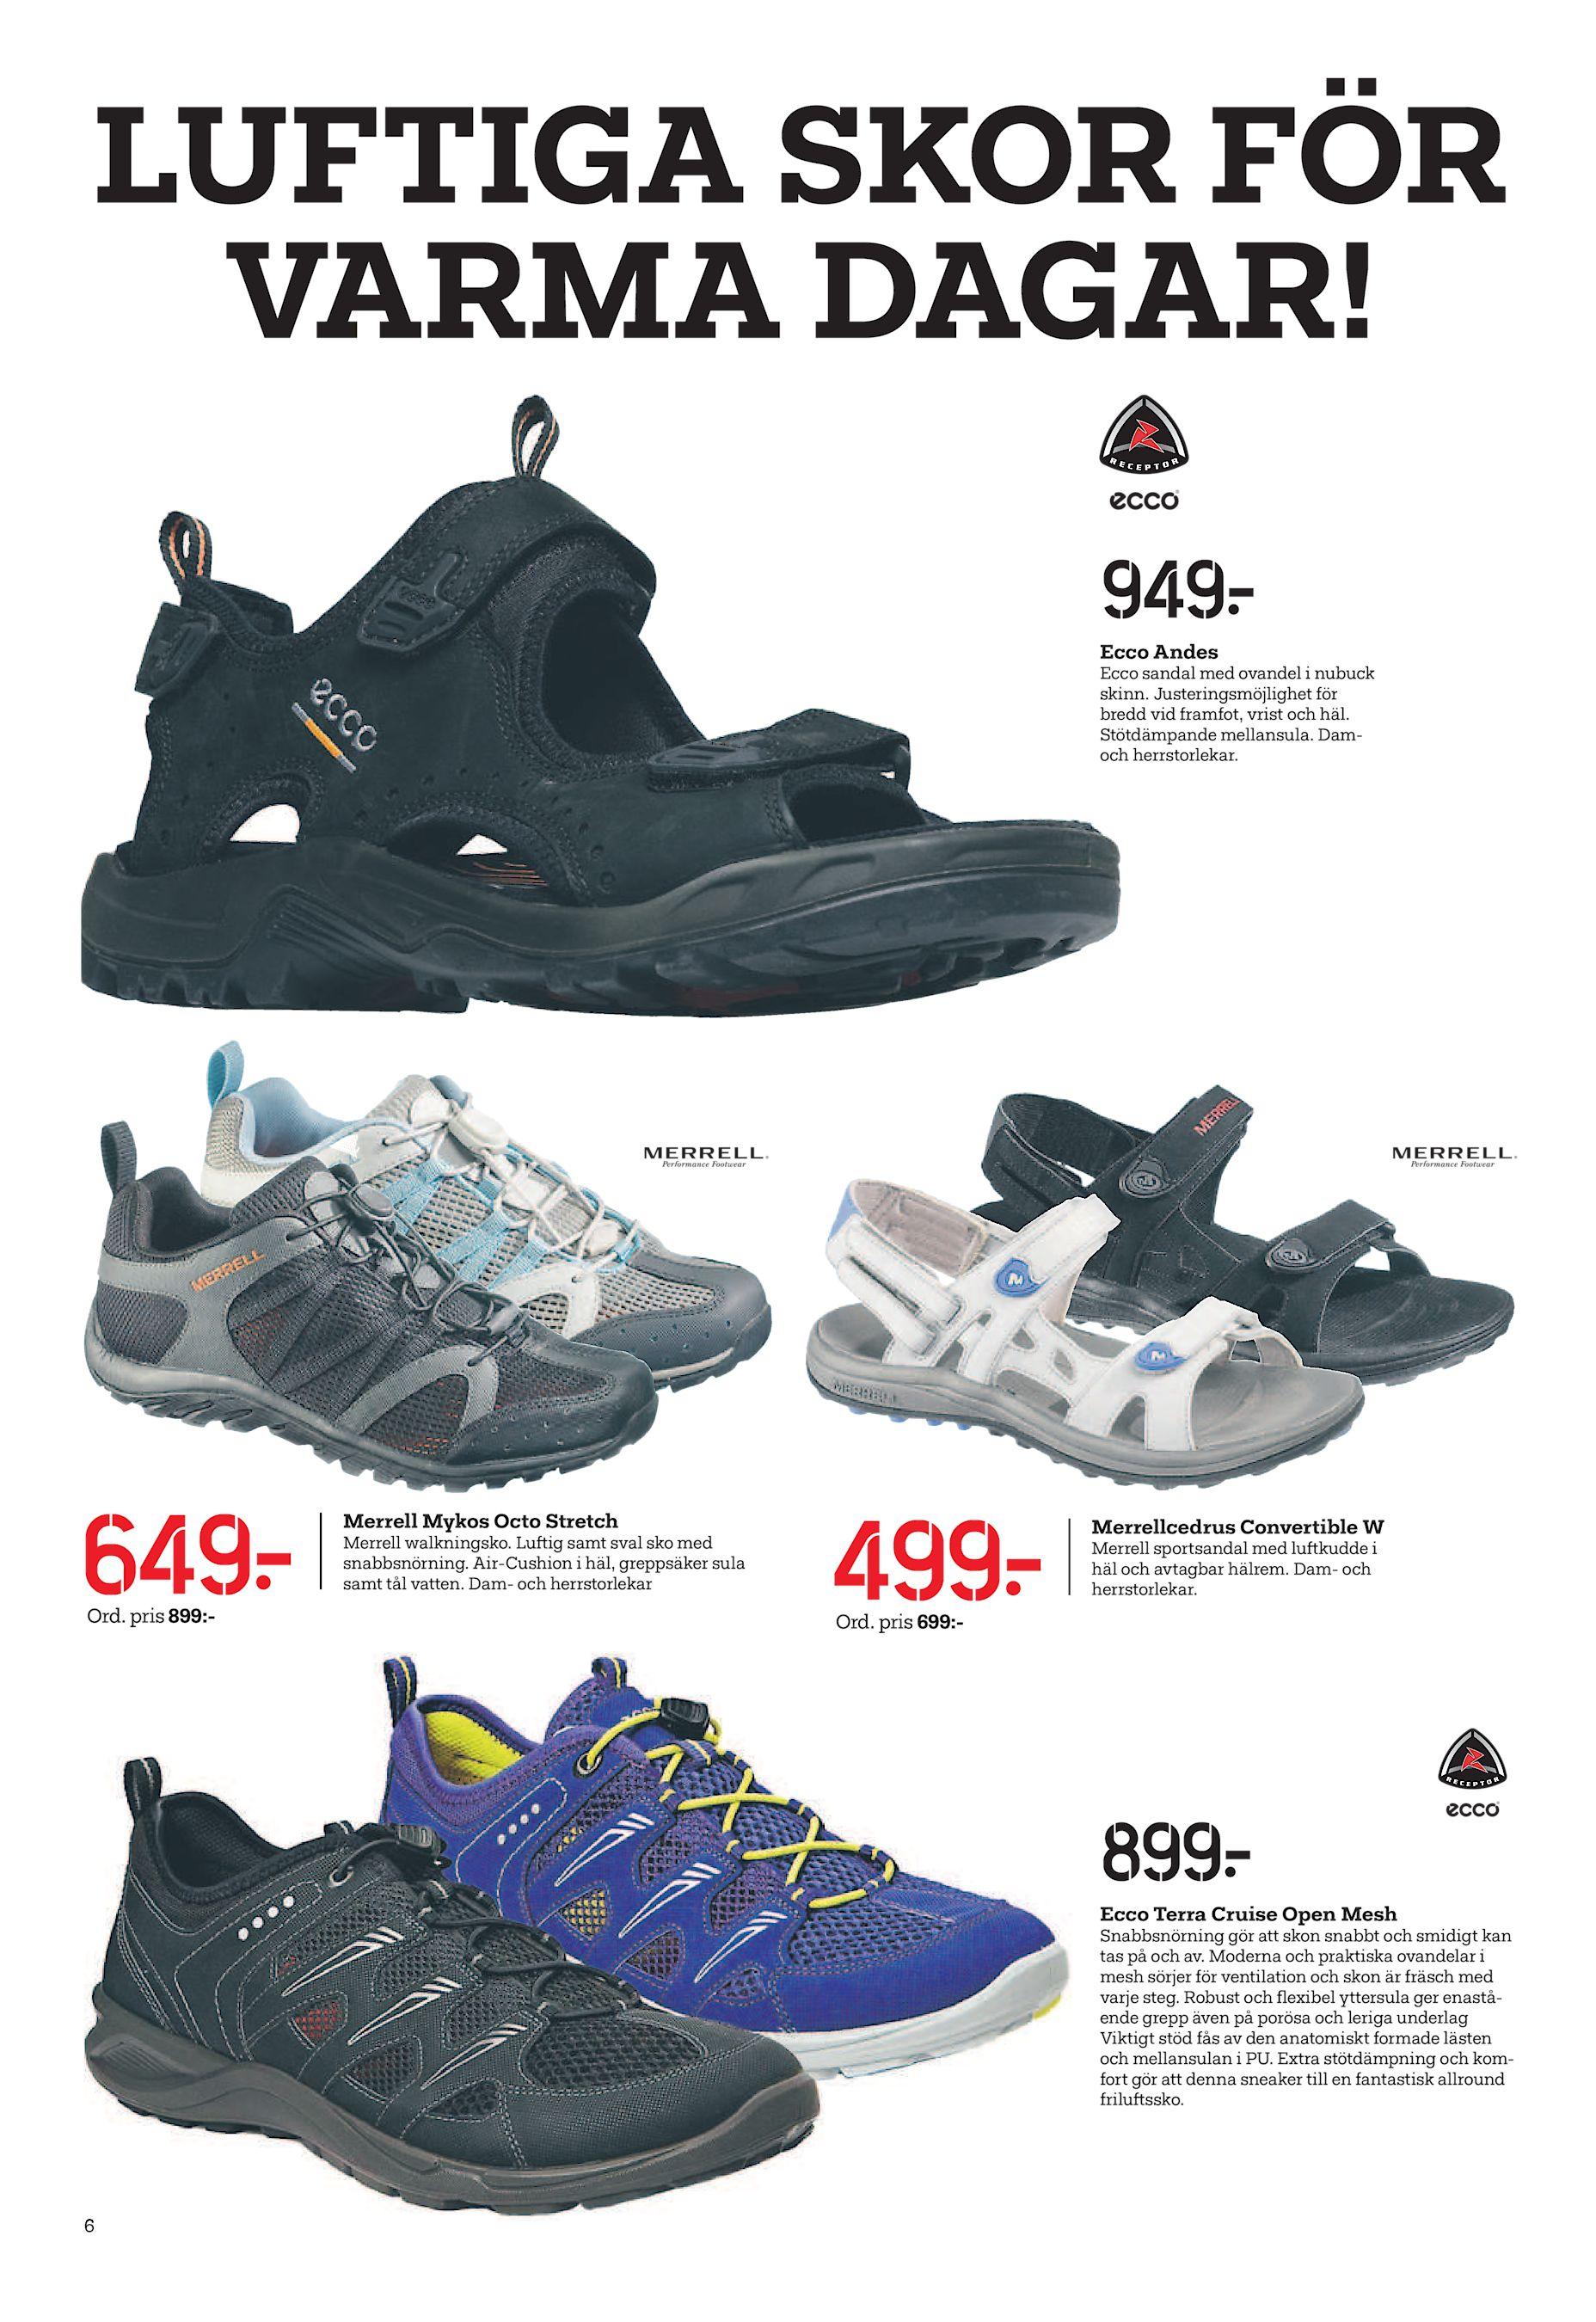 wholesale dealer 1e7ae 9489b Luftiga skor fÖr VarMa Dagar! 949  Ecco andes Ecco sandal med ovandel i  nubuck skinn. Justeringsmöjlighet för bredd vid framfot, vrist och häl.